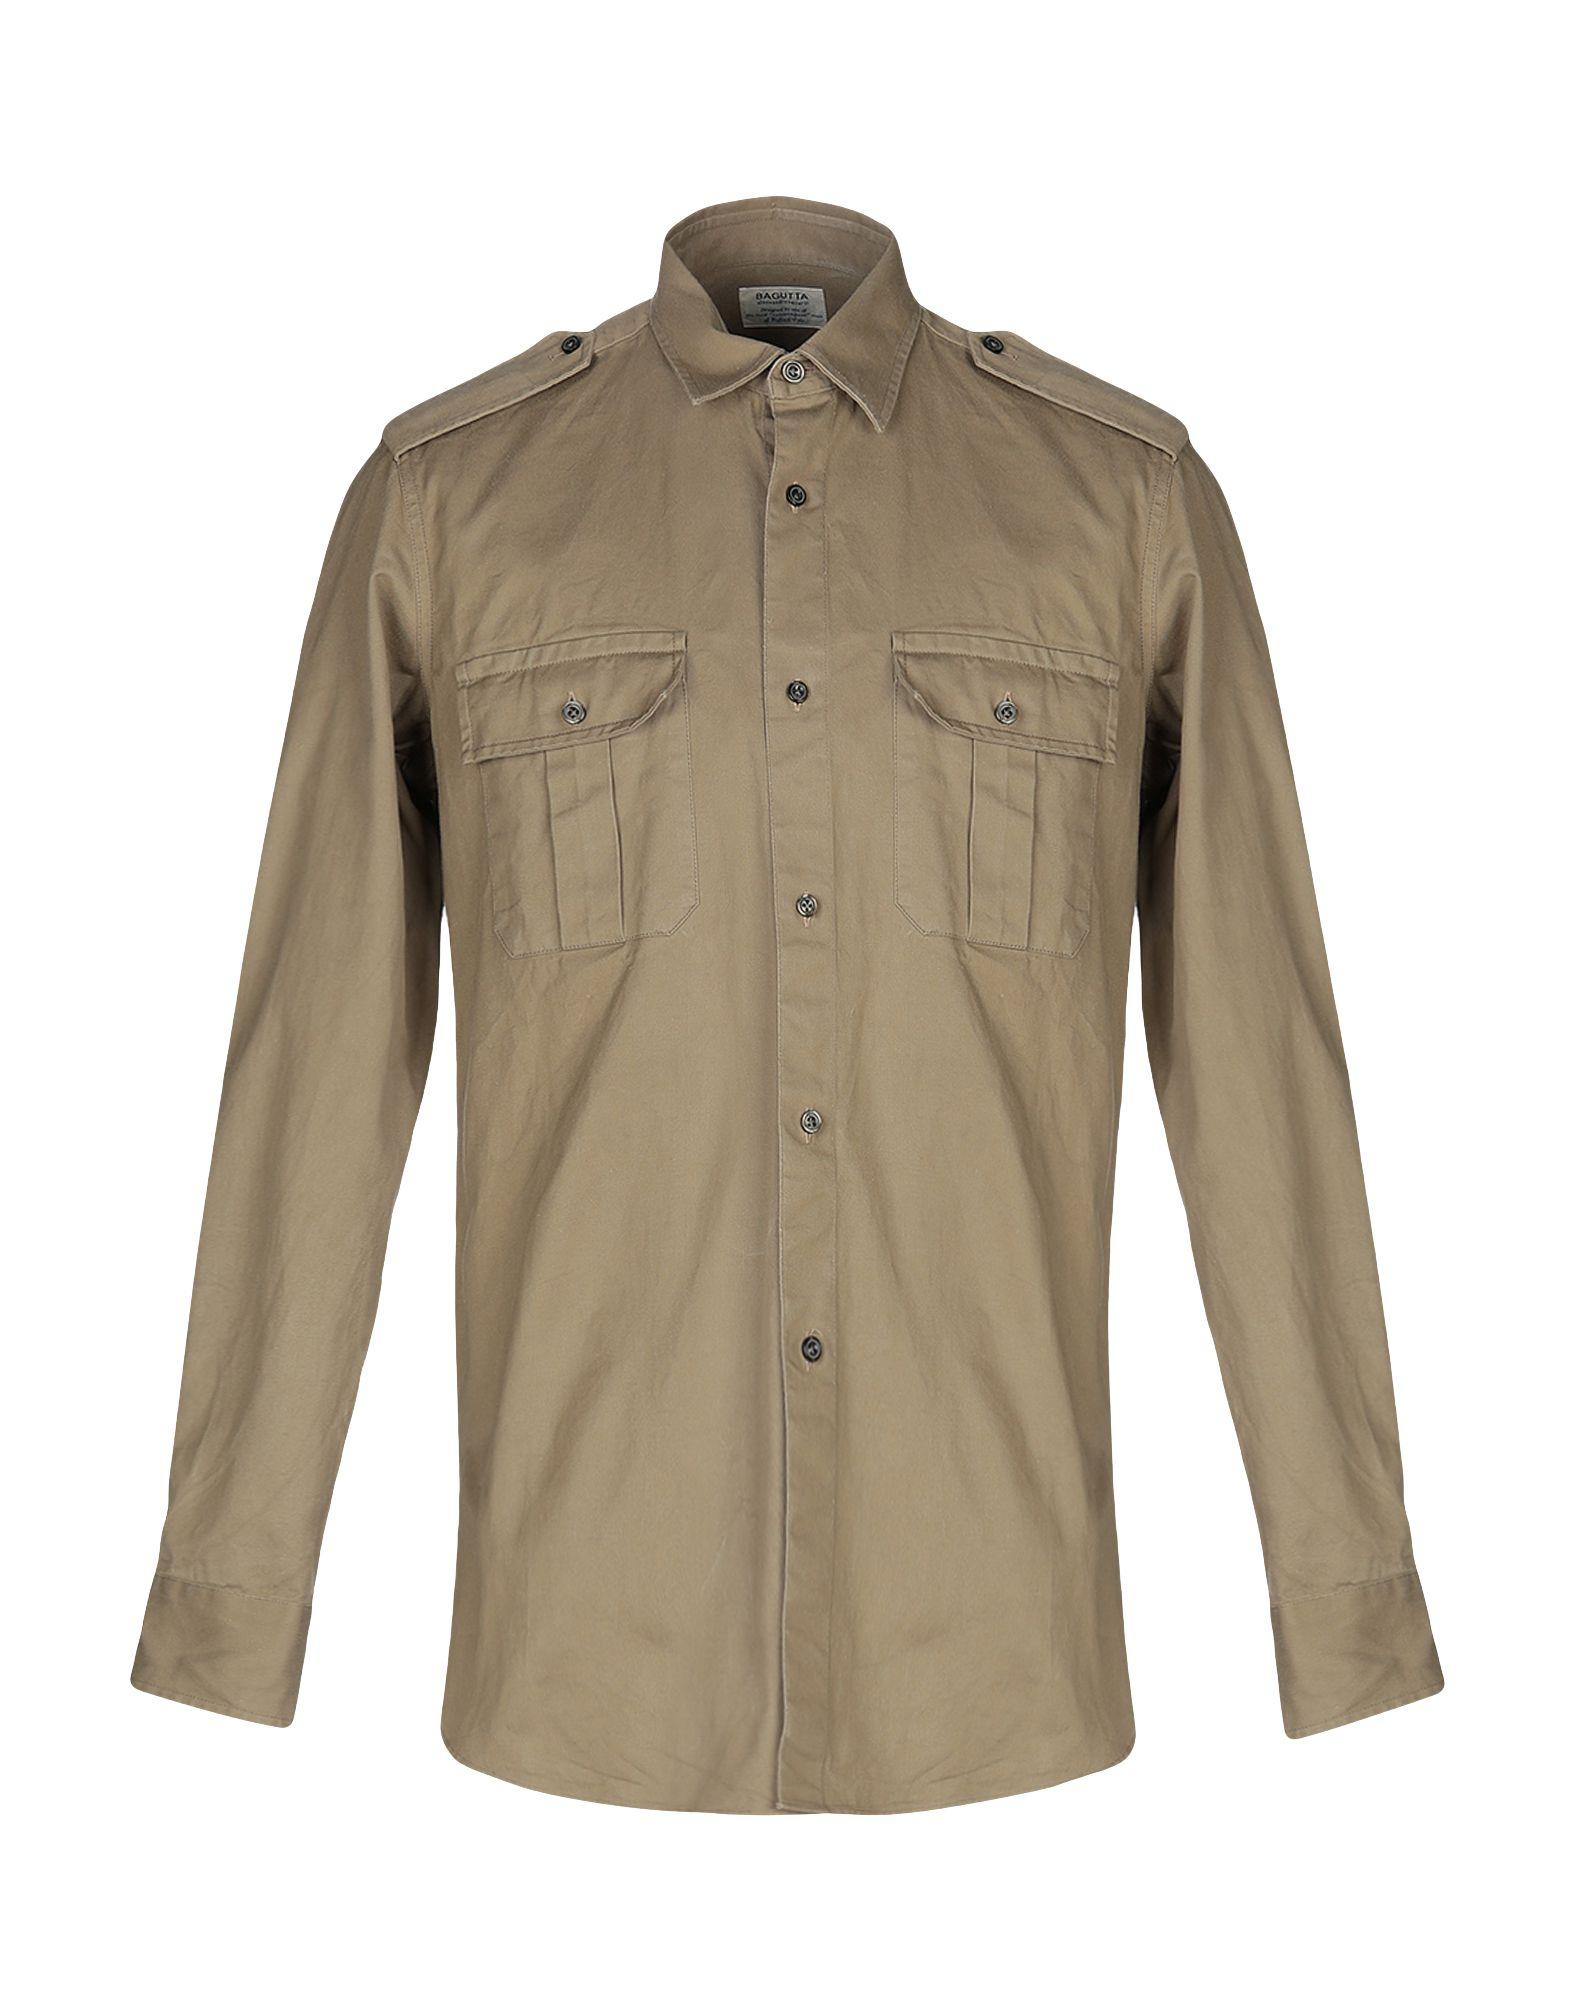 《送料無料》BAGUTTA メンズ シャツ サンド 2 コットン 100%